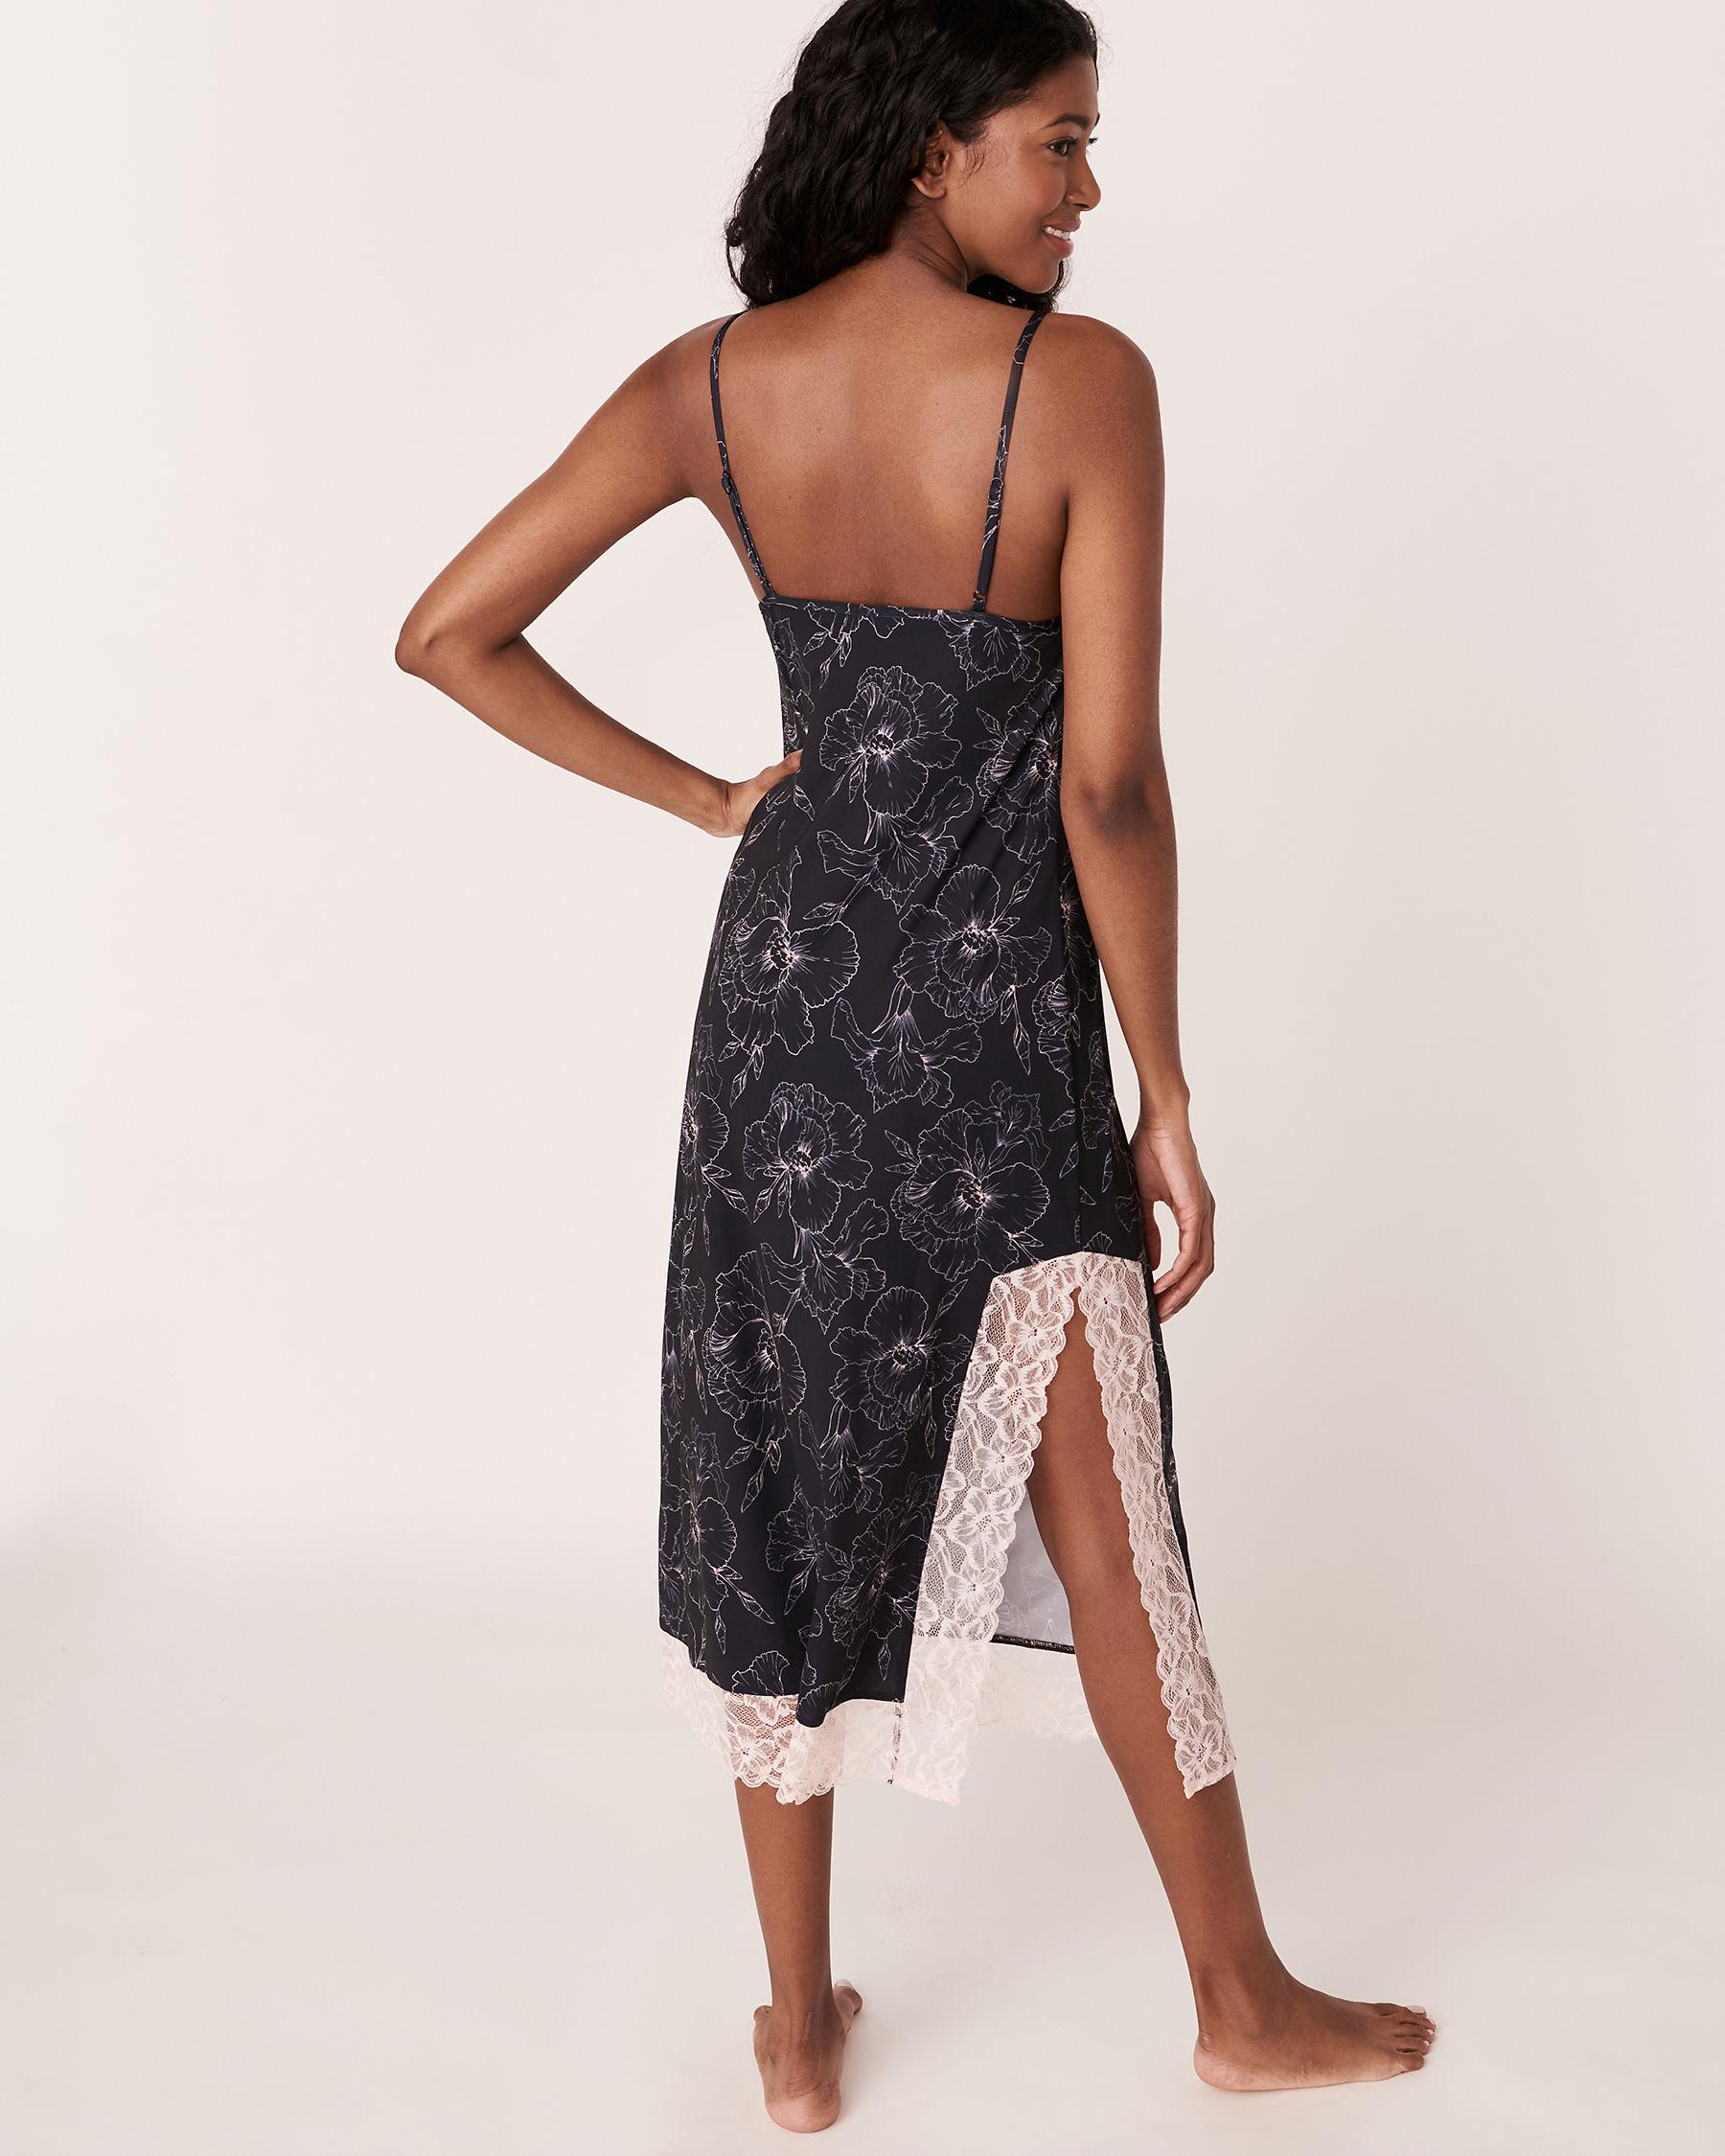 LA VIE EN ROSE Recycled Fibers Lace Trim Mid-length Nightie Black flower 40500059 - View6